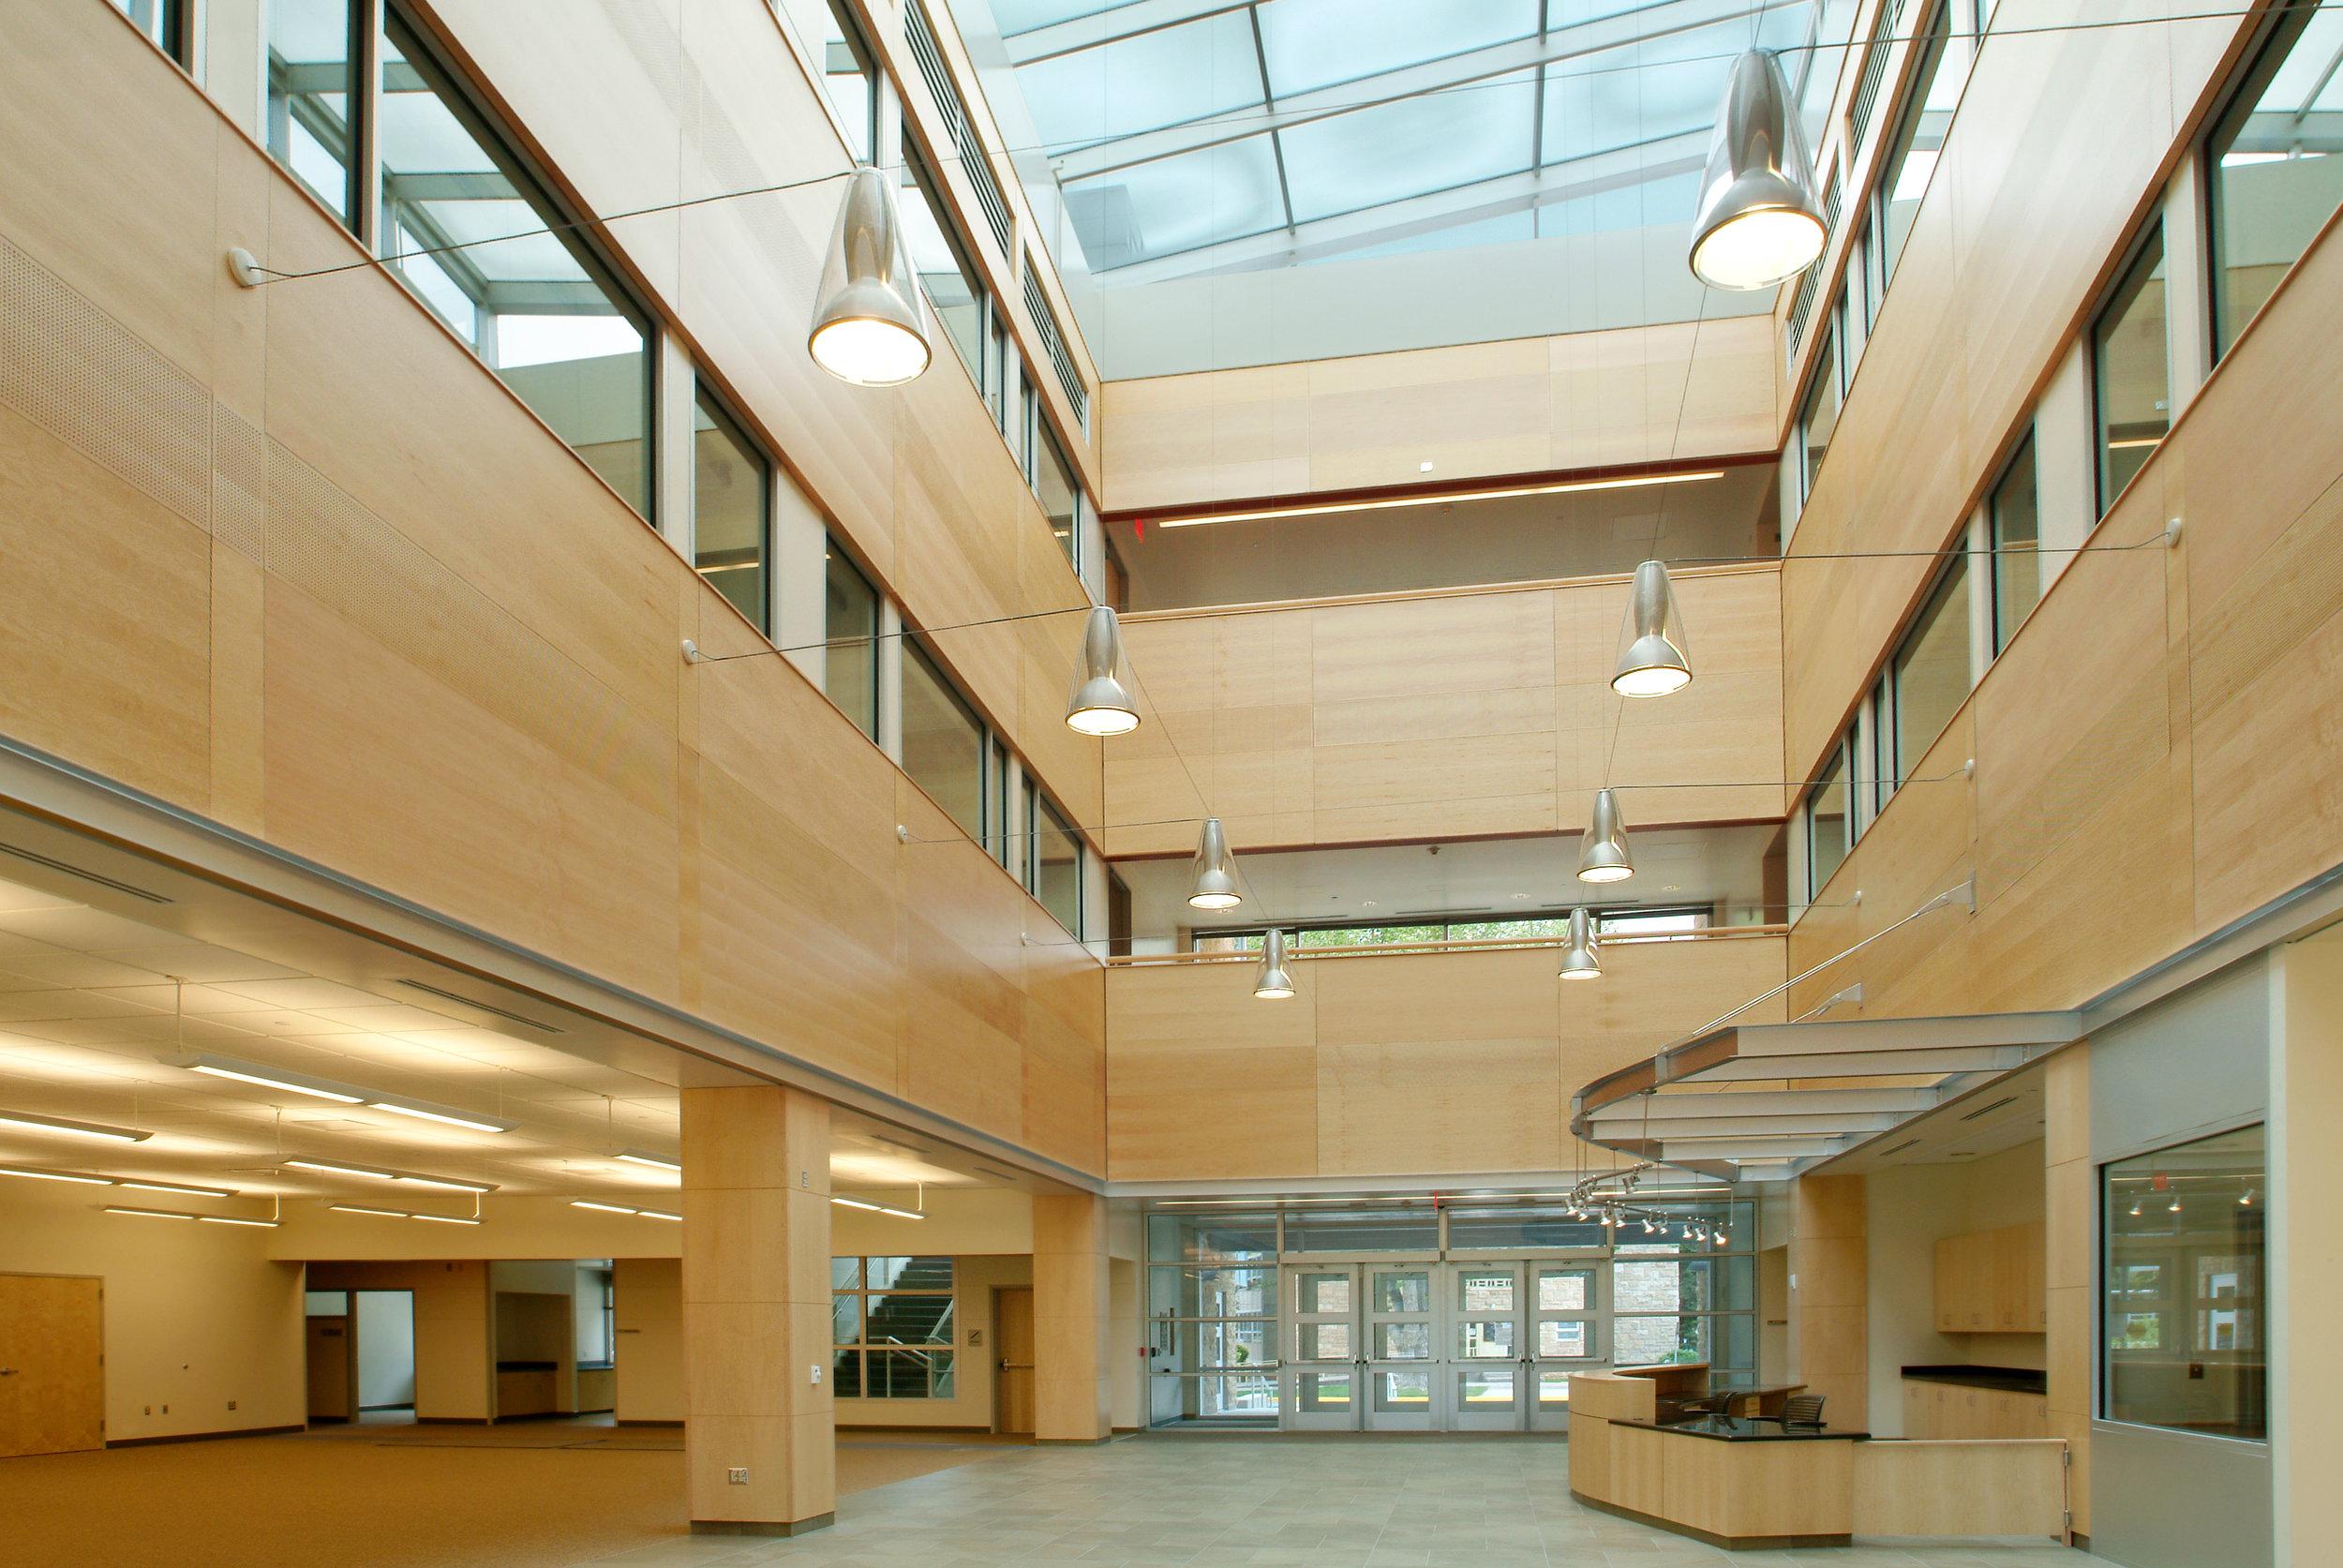 PIC 0514 Interior - Atrium 9.jpg